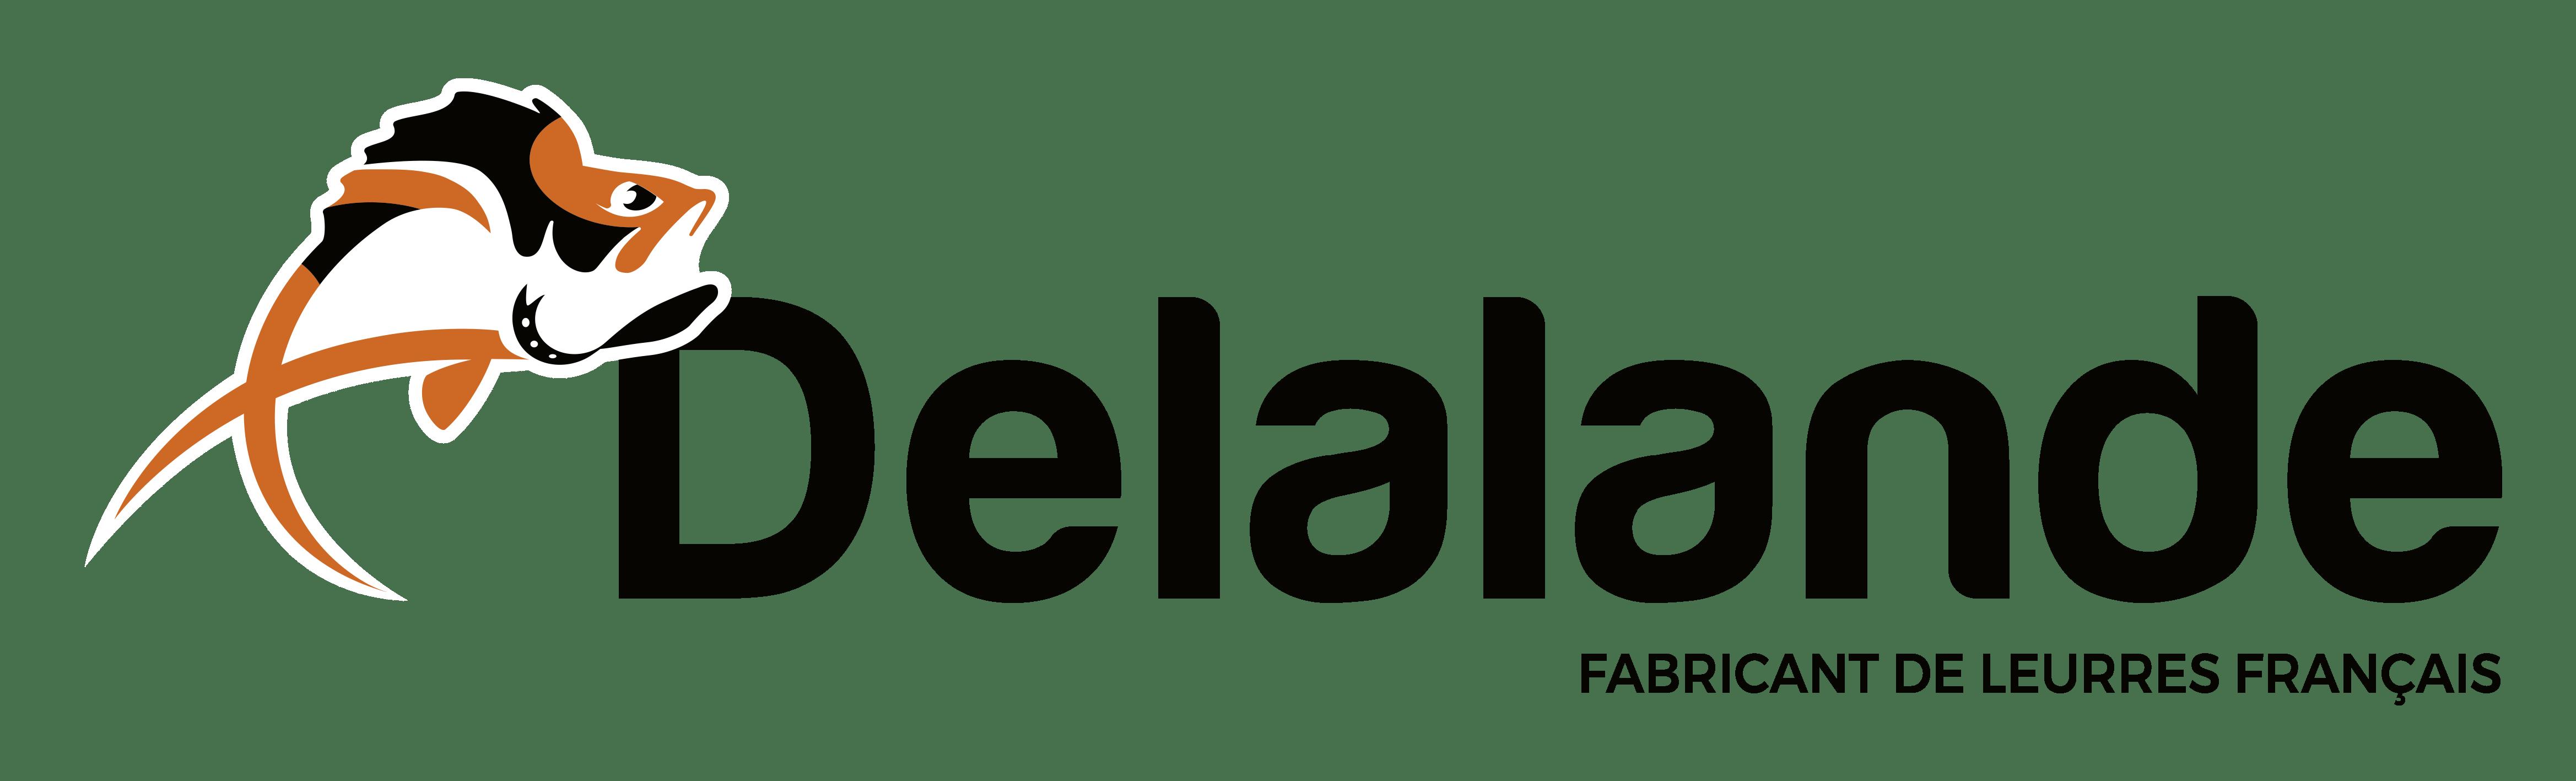 Logo - DELALANDE